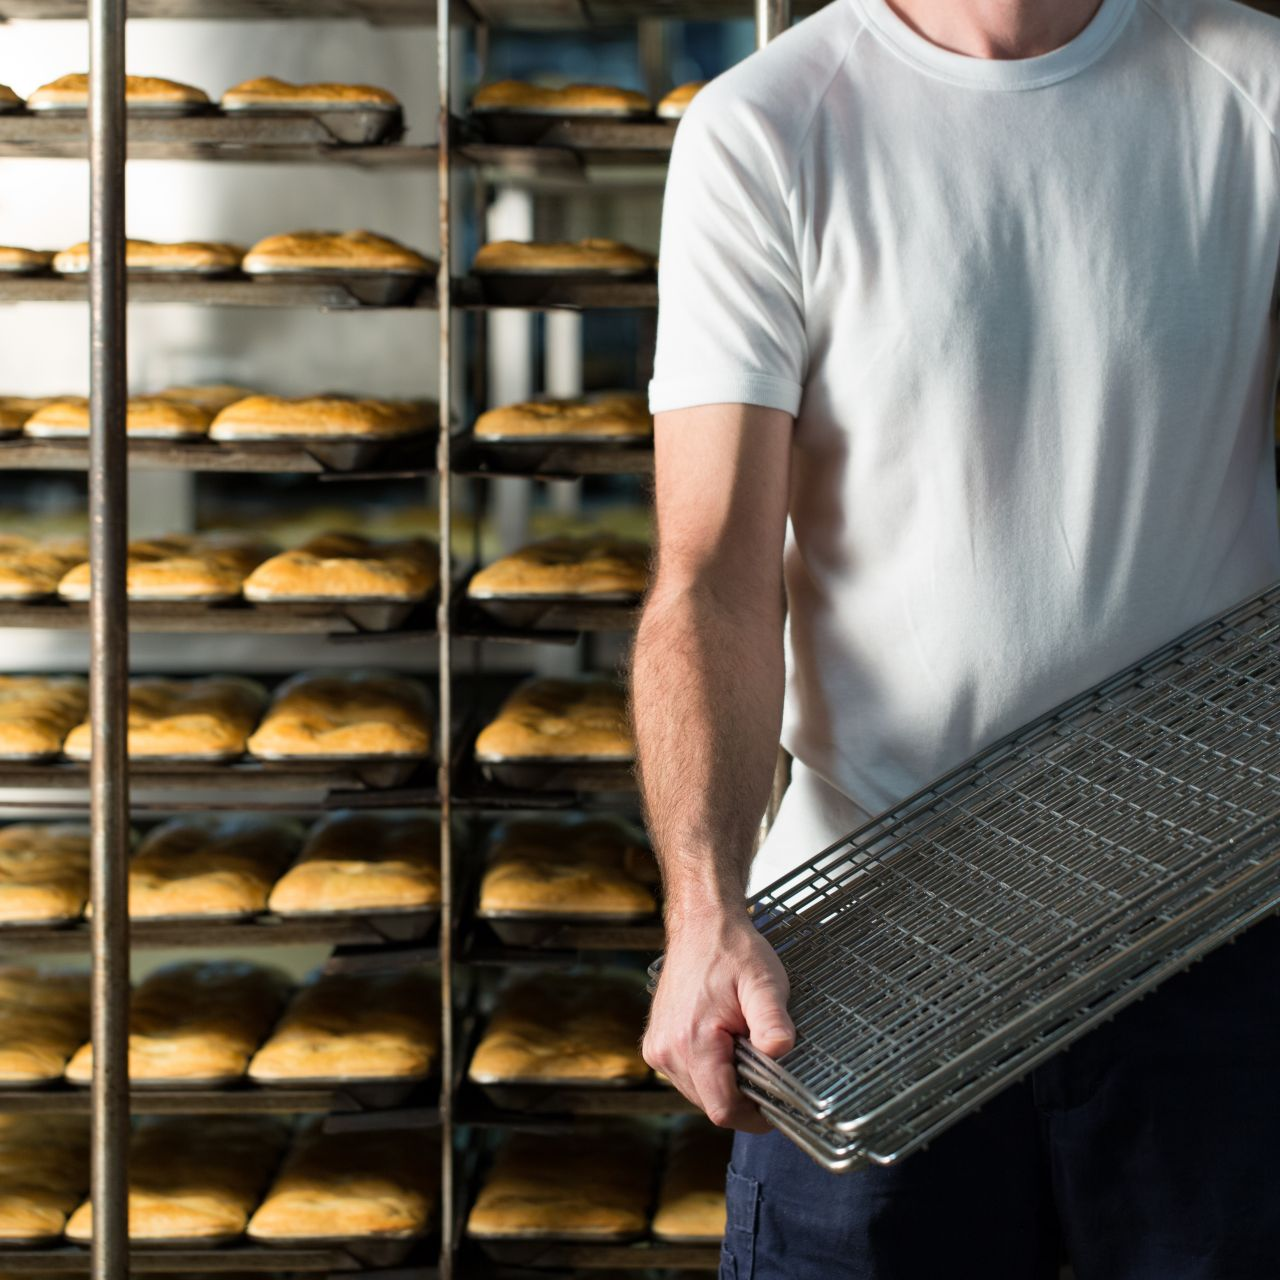 Baker holding racks